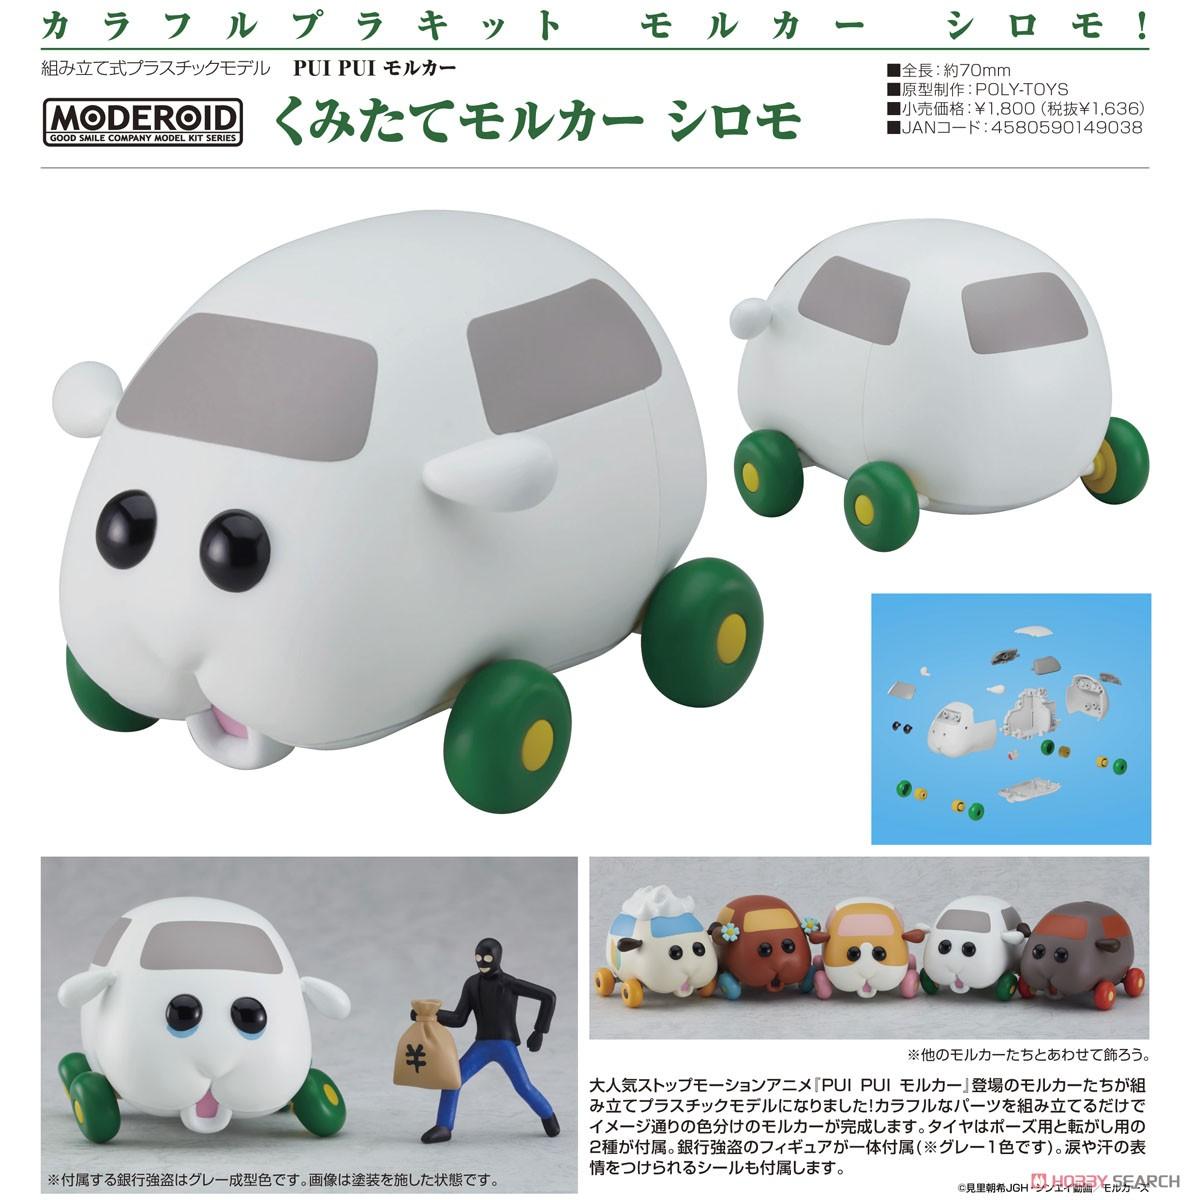 MODEROID『くみたてモルカー ポテト』PUI PUI モルカー プラモデル-012